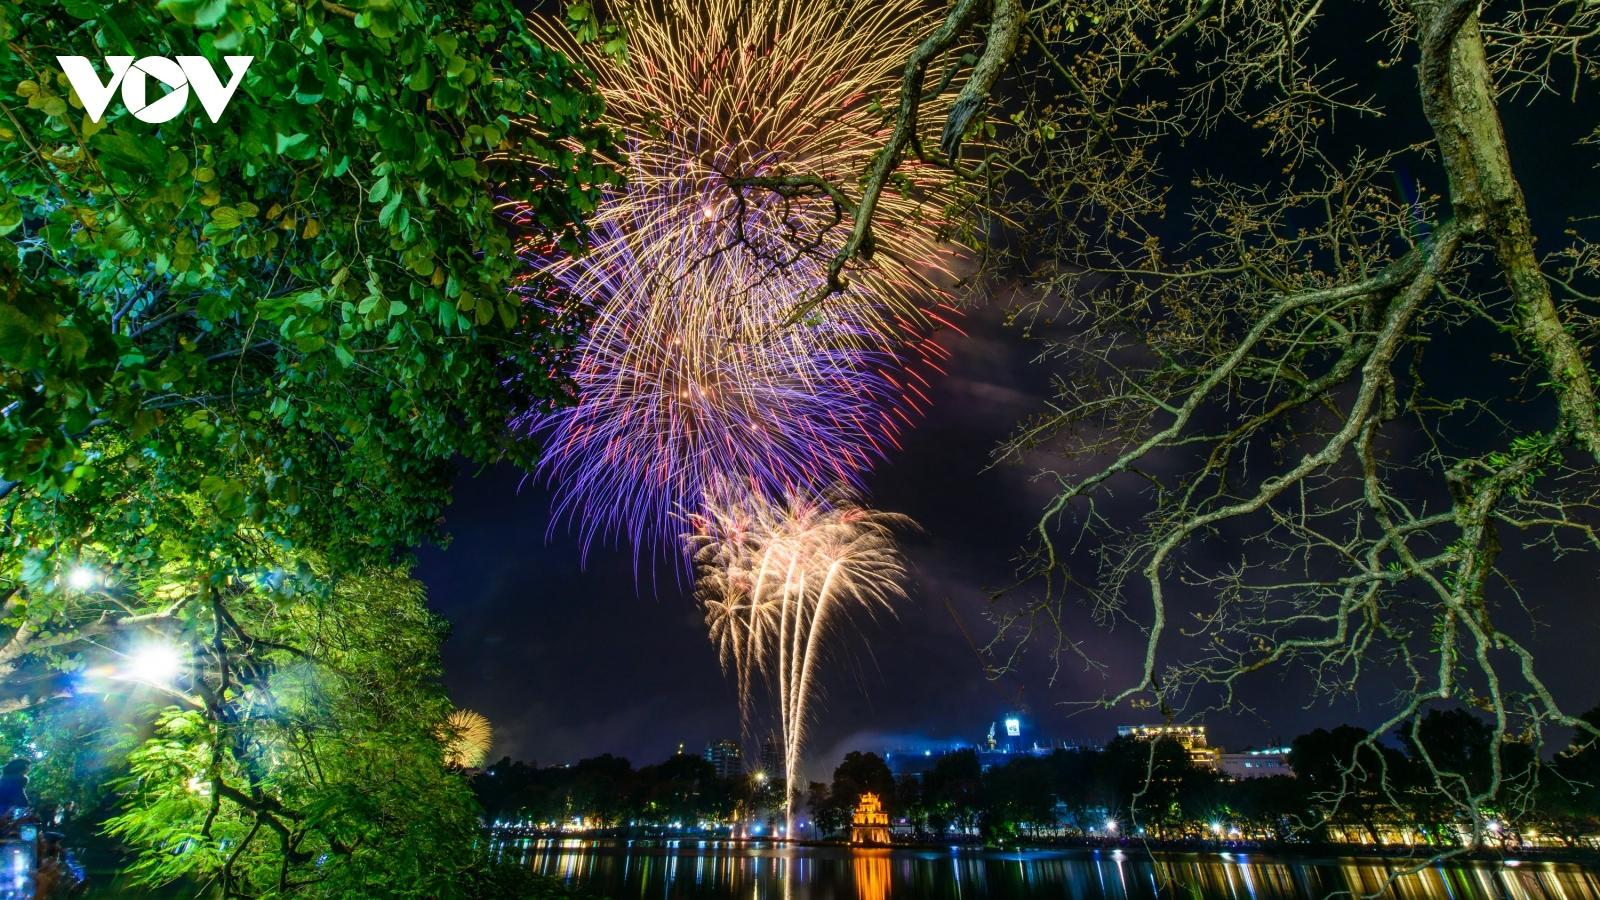 Mãn nhãn với màn pháo hoa rực rỡ, biến ảo tại hồ Hoàn Kiếm